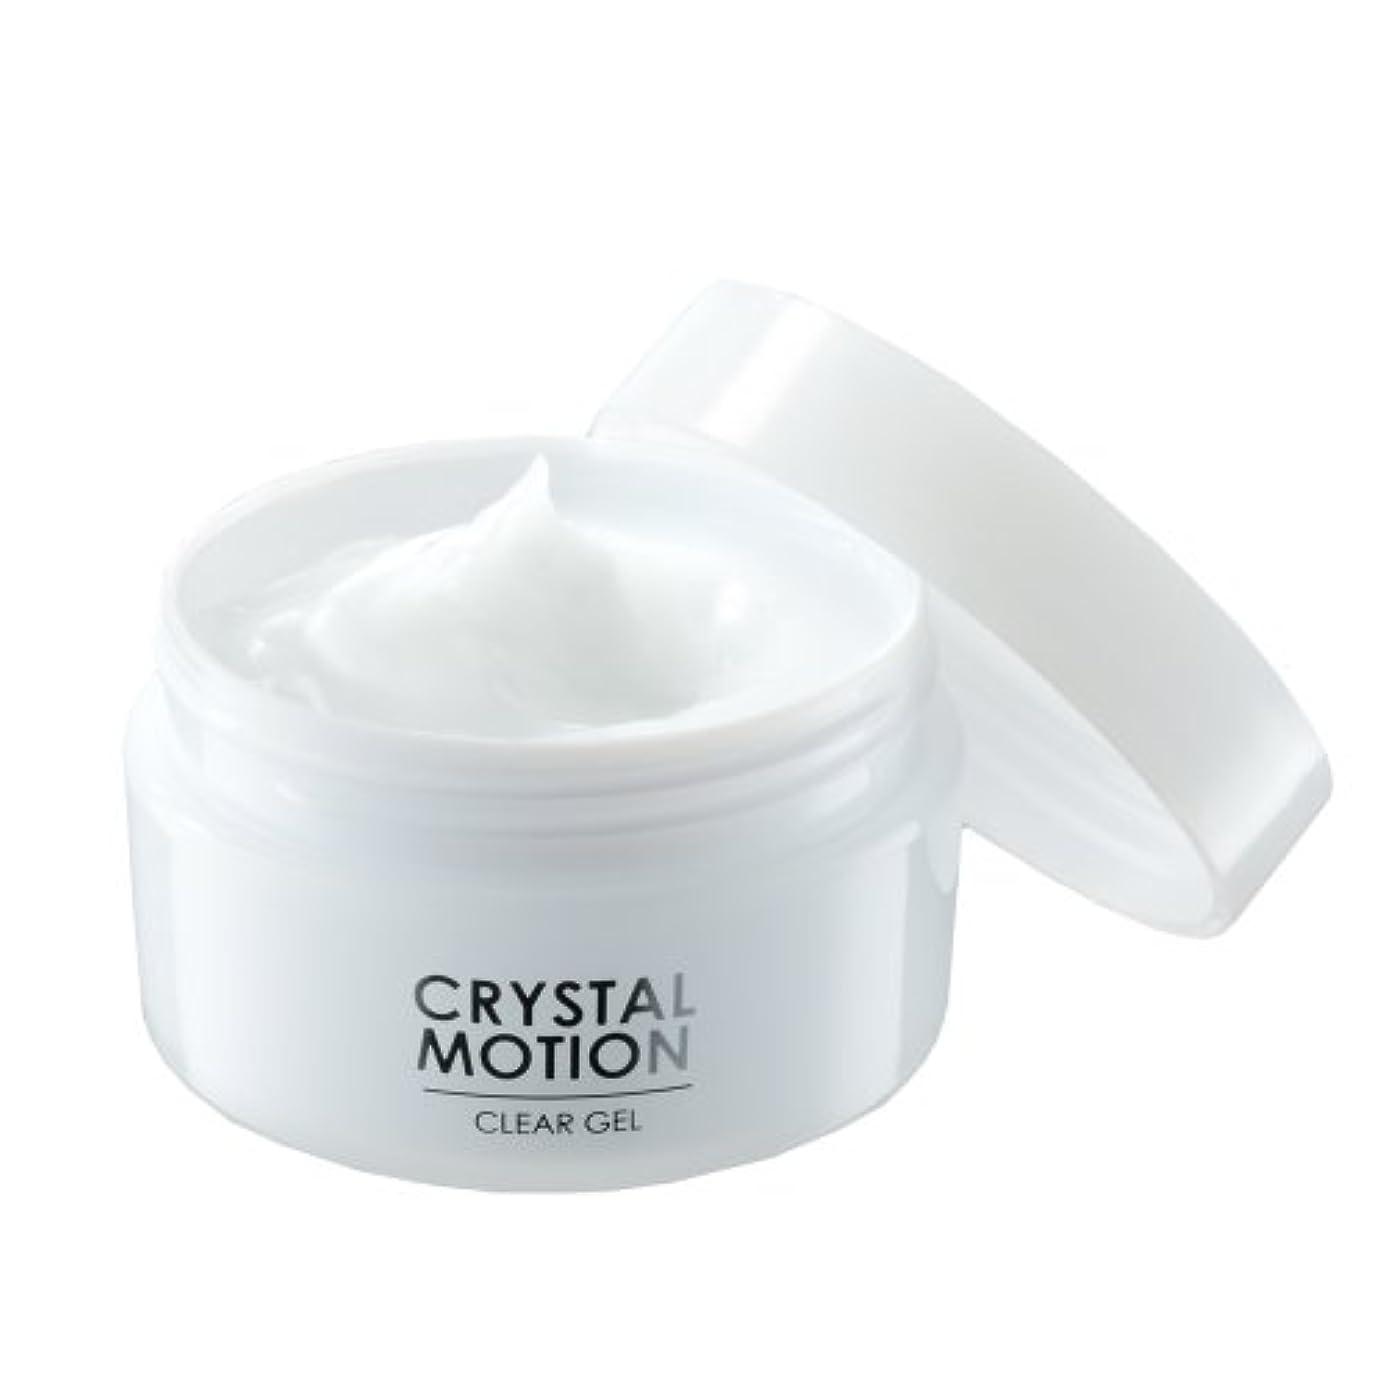 棚成功表面クリスタルモーション CRYSTAL MOTION 薬用ニキビケアジェル 保湿 乾燥 美白 美肌 ニキビ 予防 1ヶ月分 60g